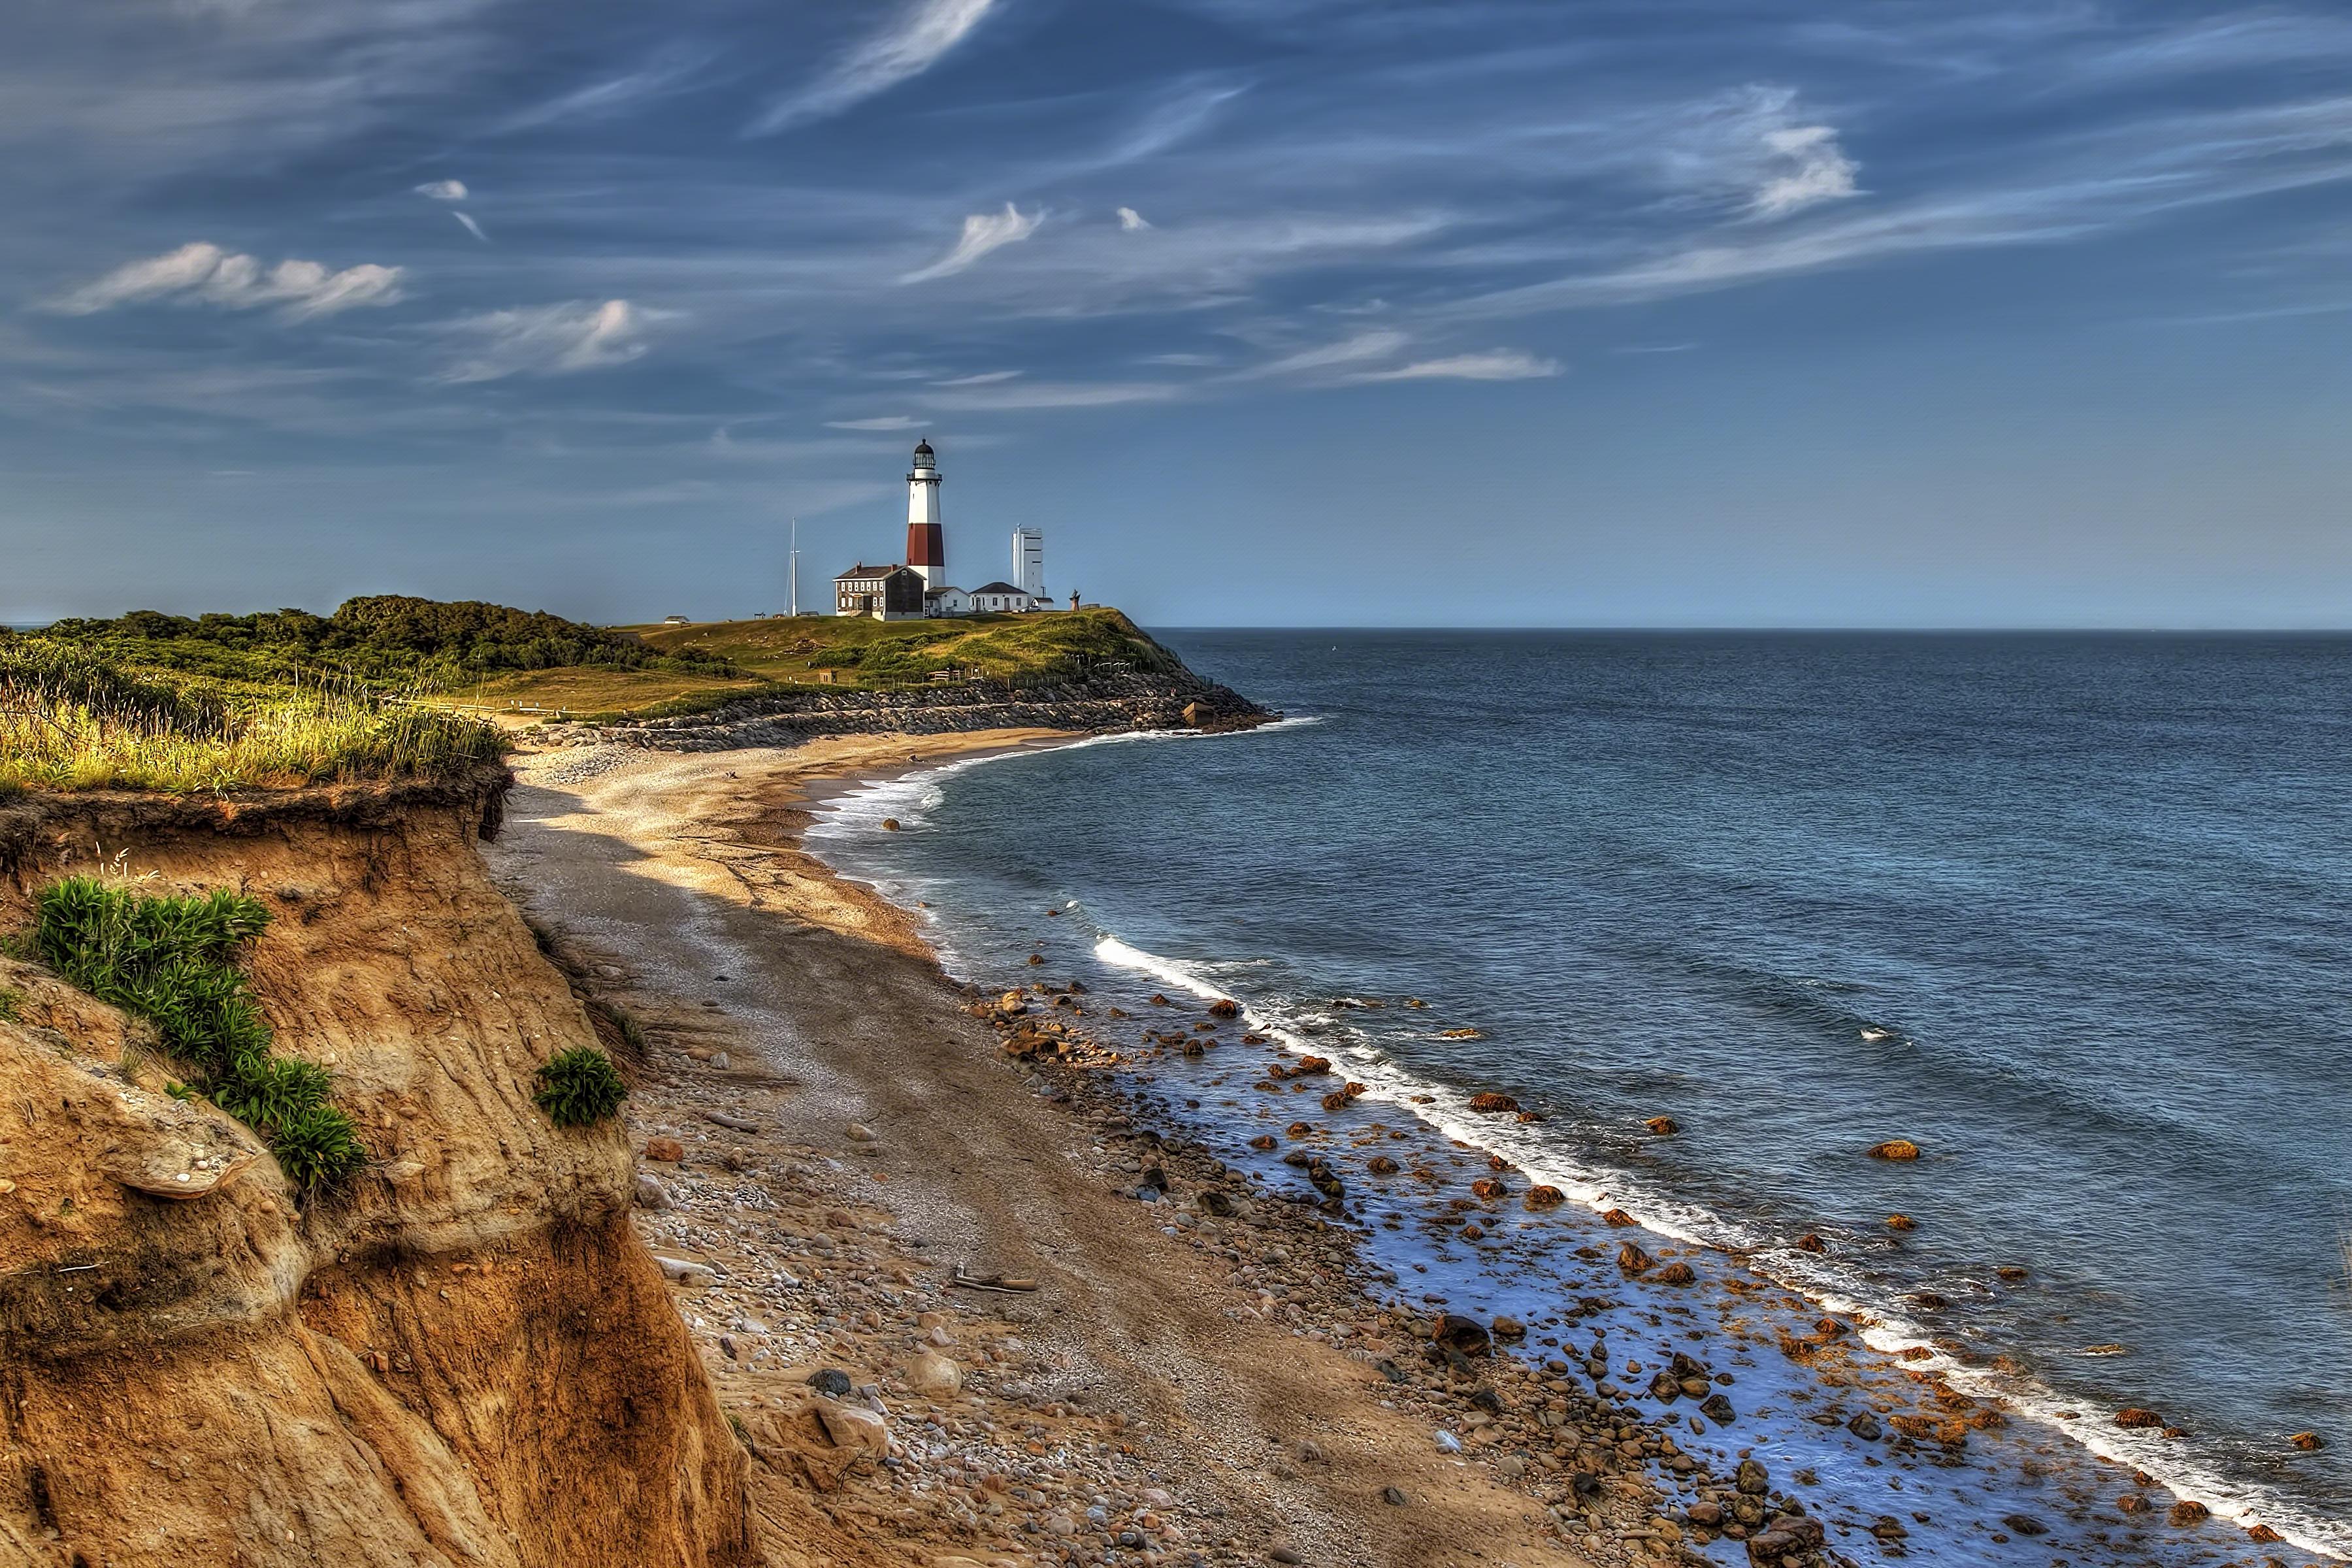 wallpaper ocean lighthouse newyork beach rock point